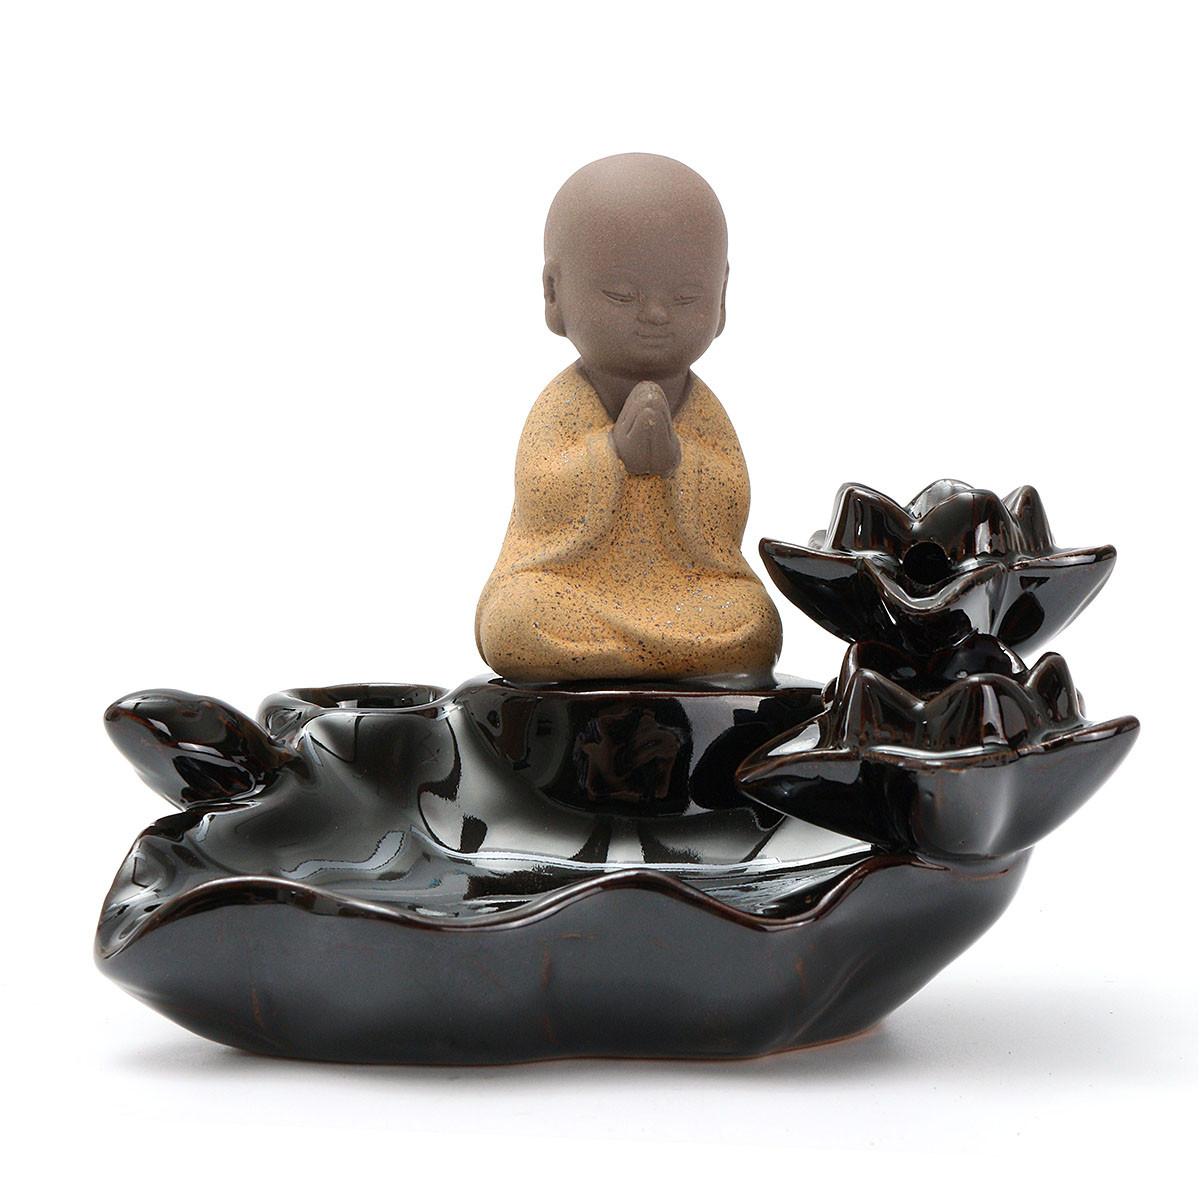 Lotus Лист Маленький монах Backflow Incense Burner Censer Holder Домашнее украшение Похудение Оборудование - 1TopShop